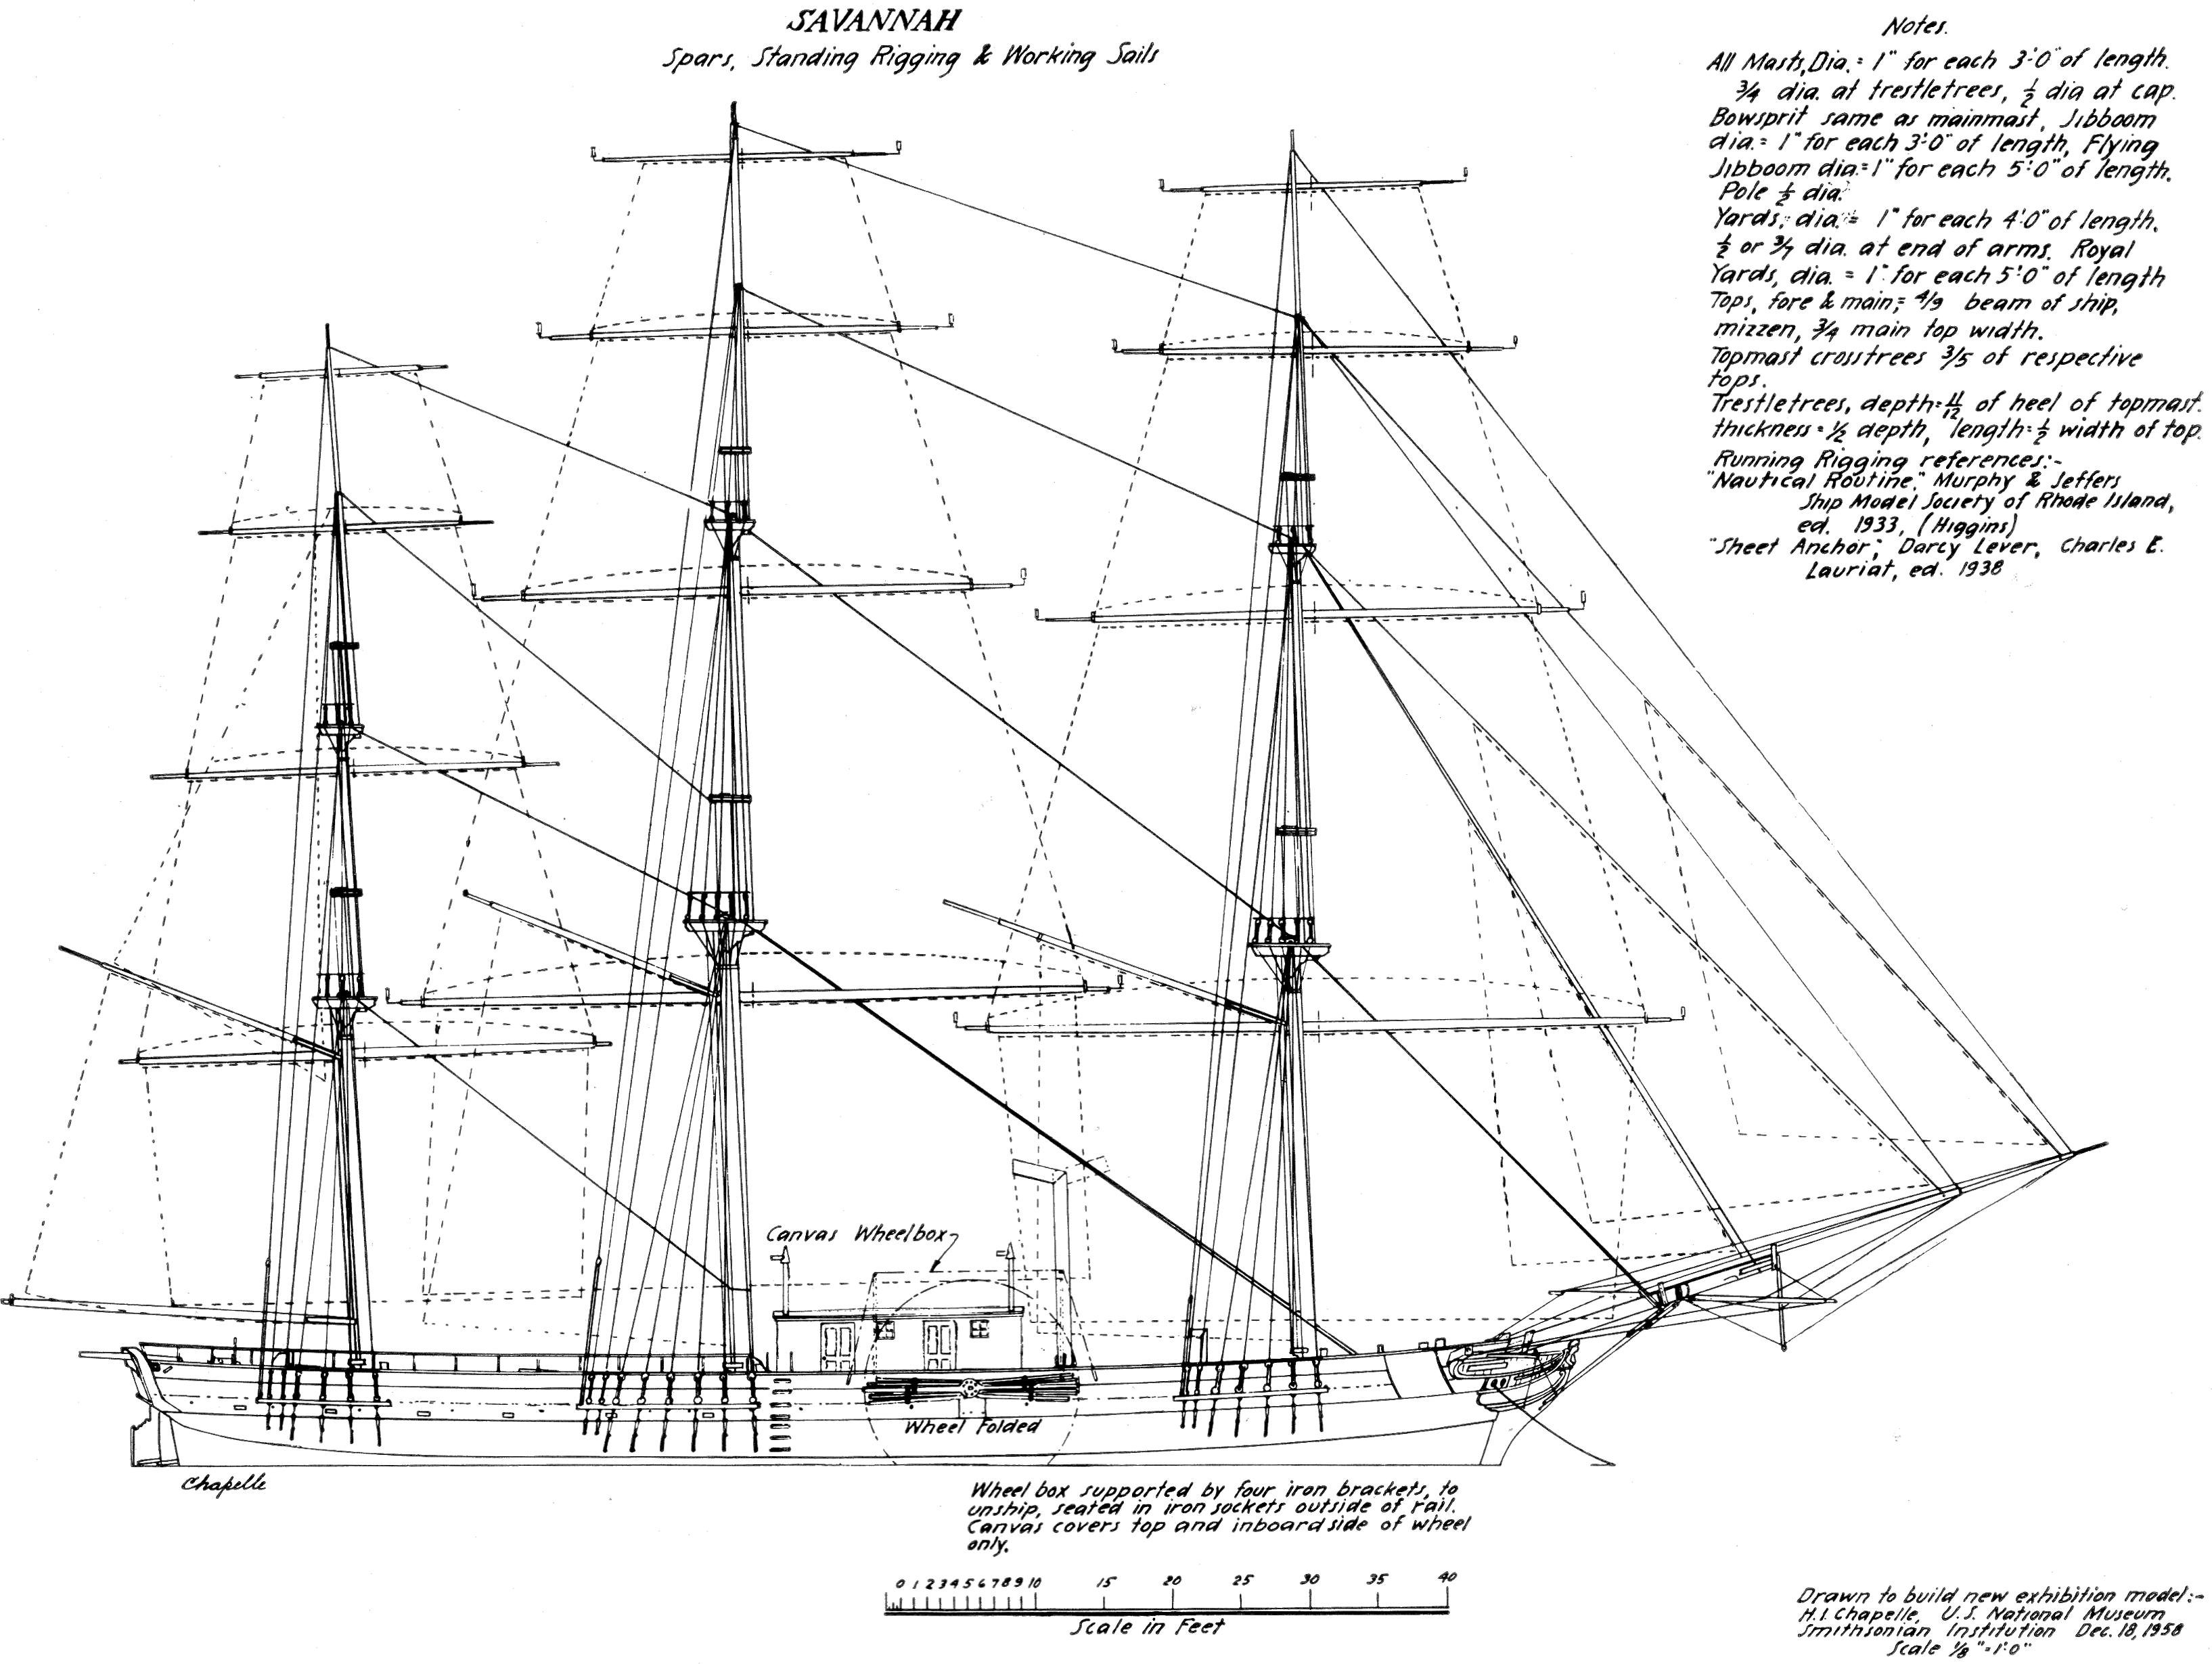 Drawn ship big ship Study Pioneer of Savannah Steamship